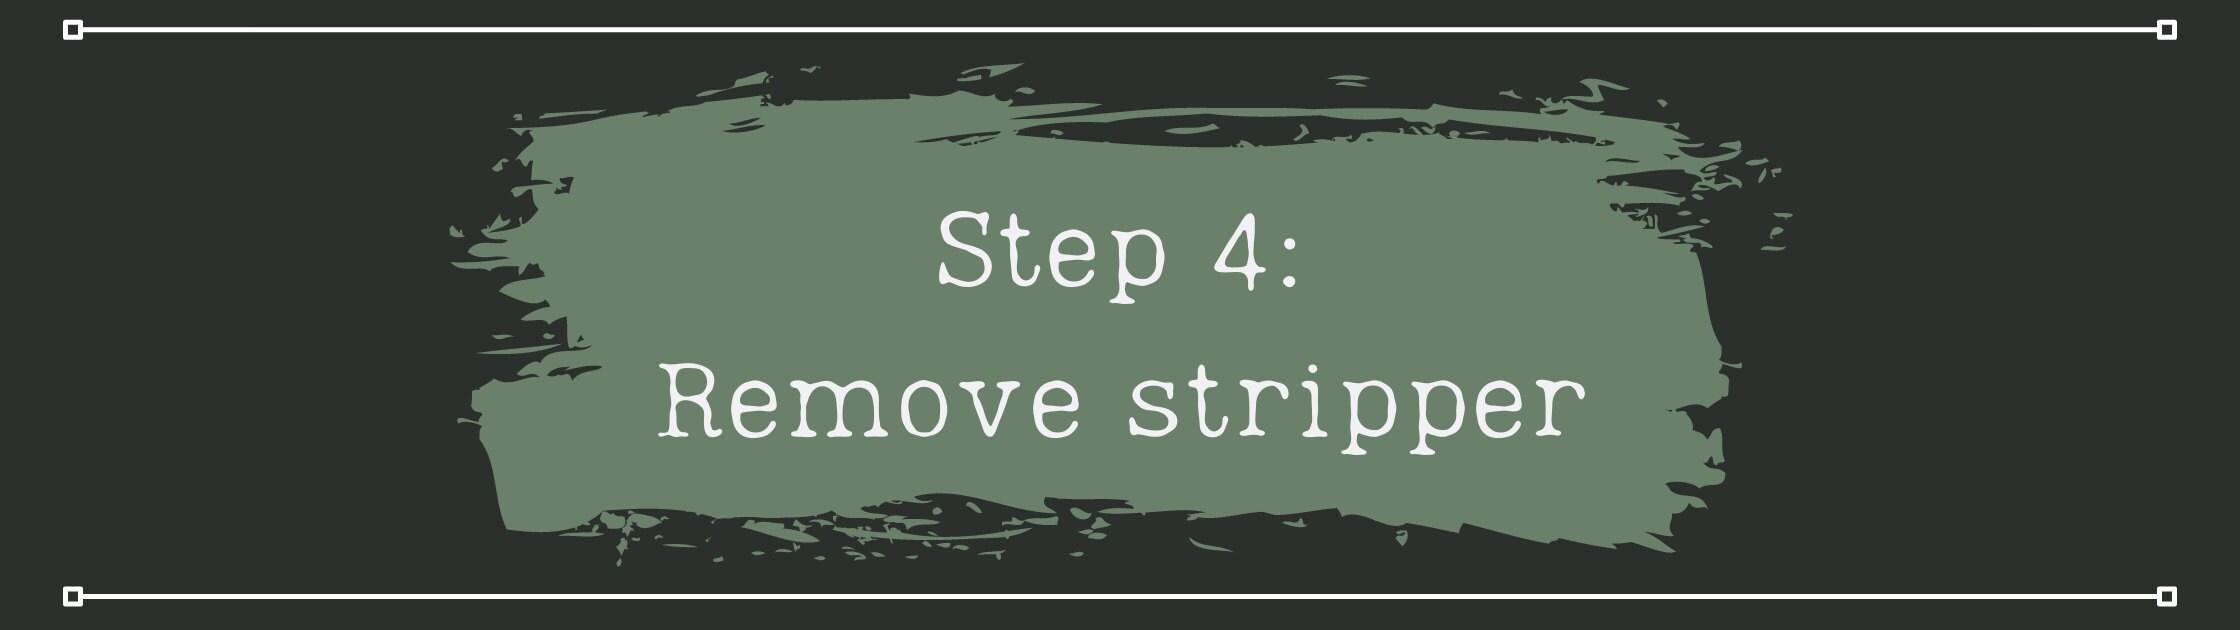 Scrape off the stripper